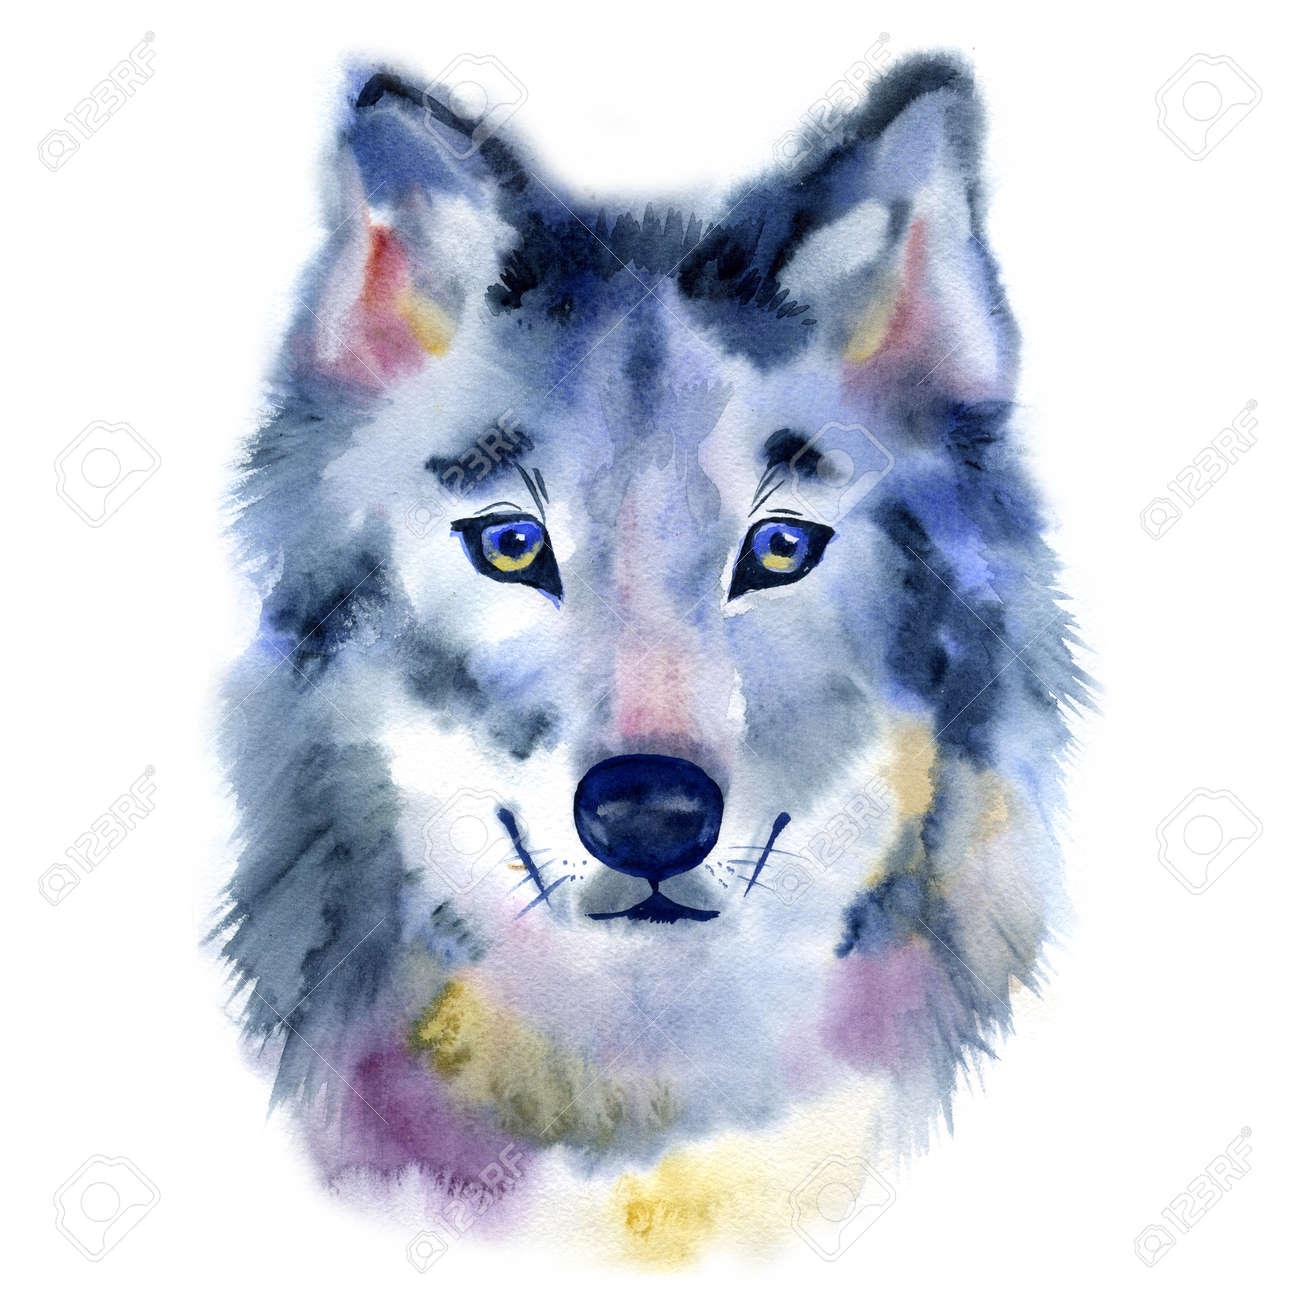 水彩のオオカミの頭正面から見た図手描きのイラスト